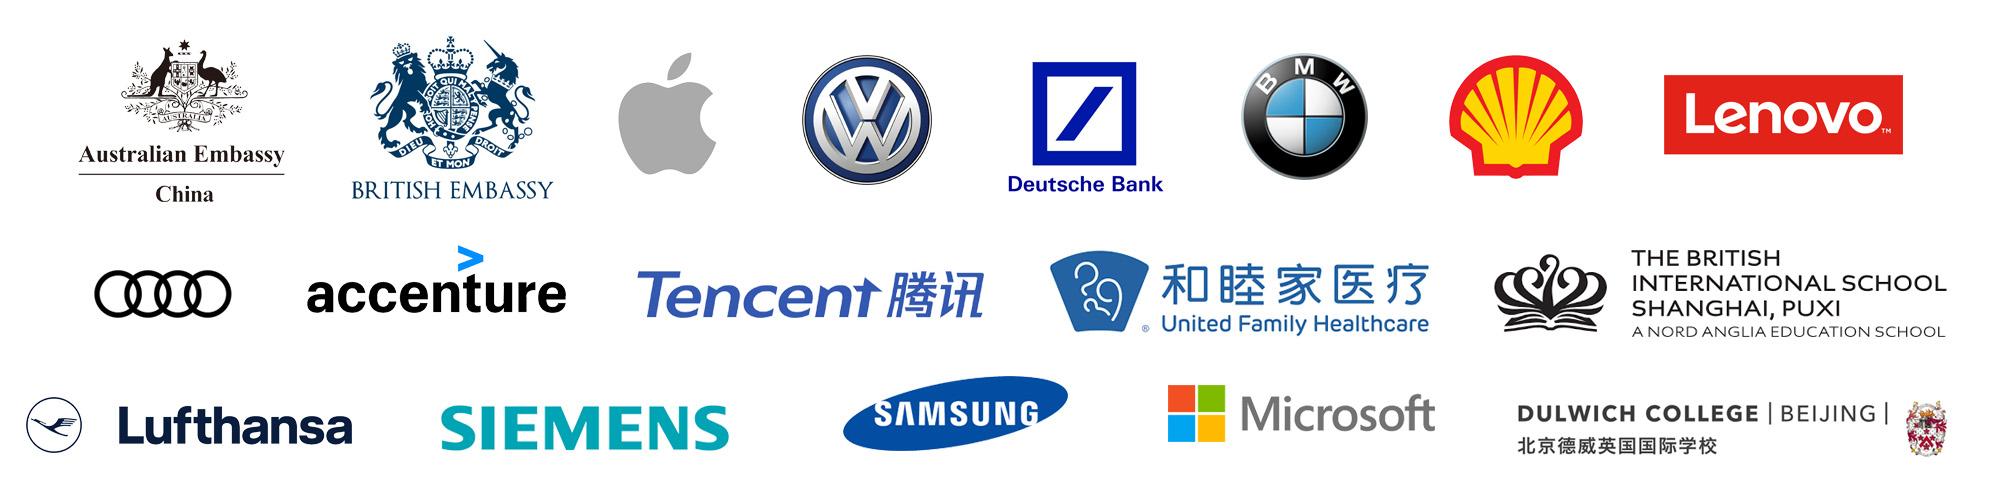 Brands-clients-color